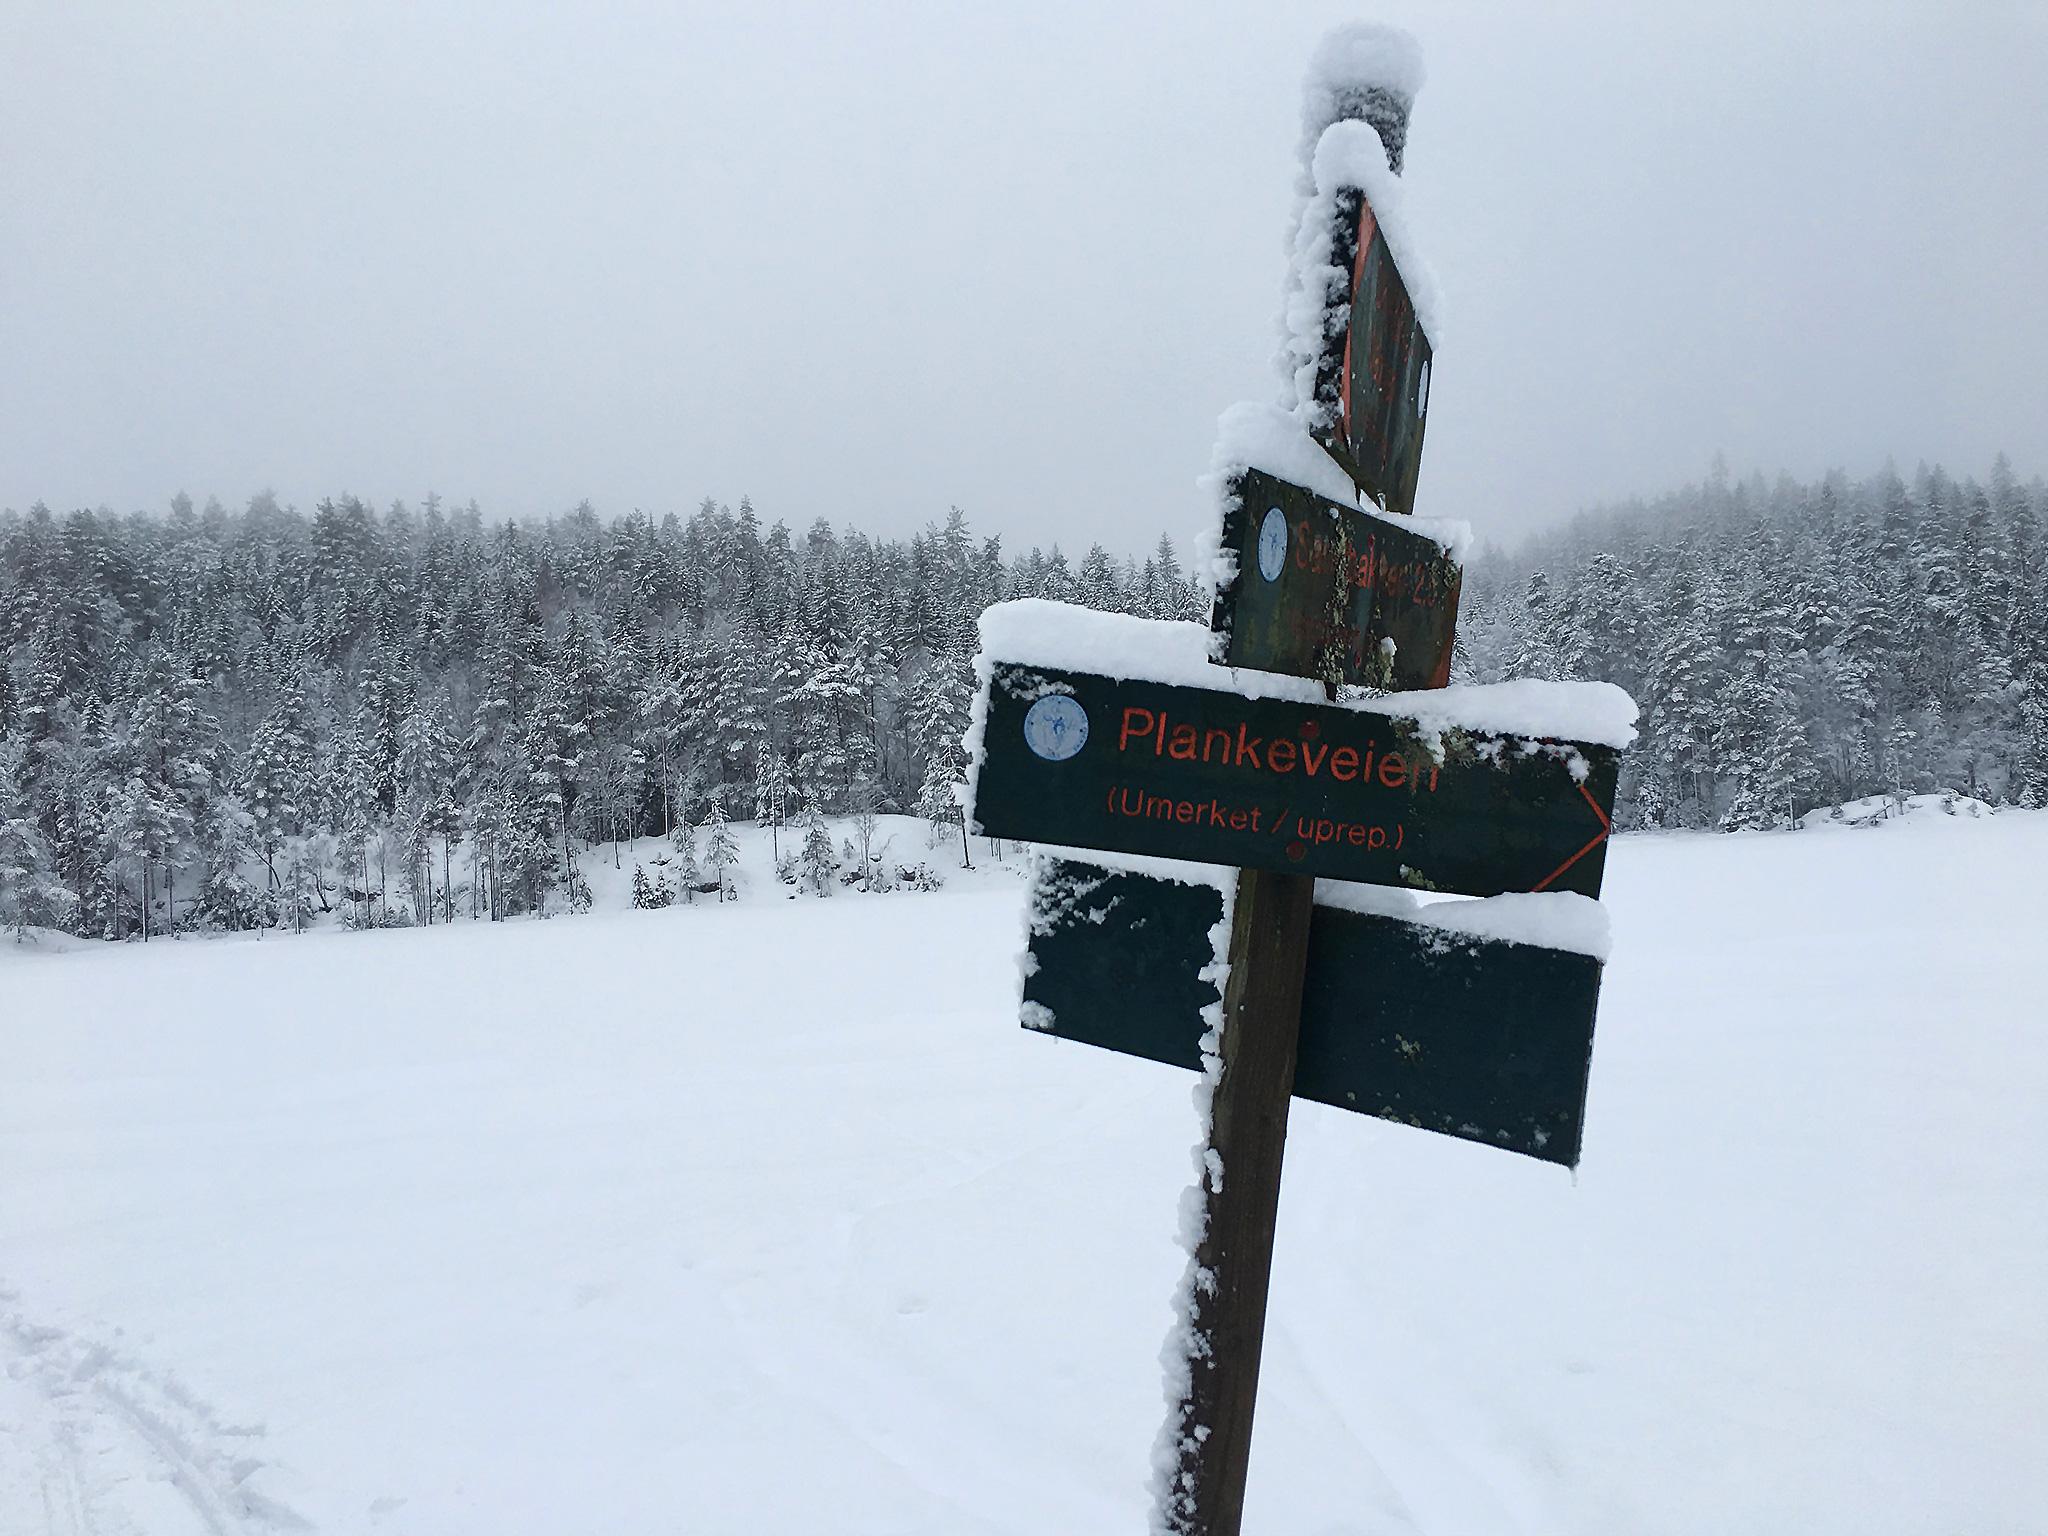 Signpost on a lake